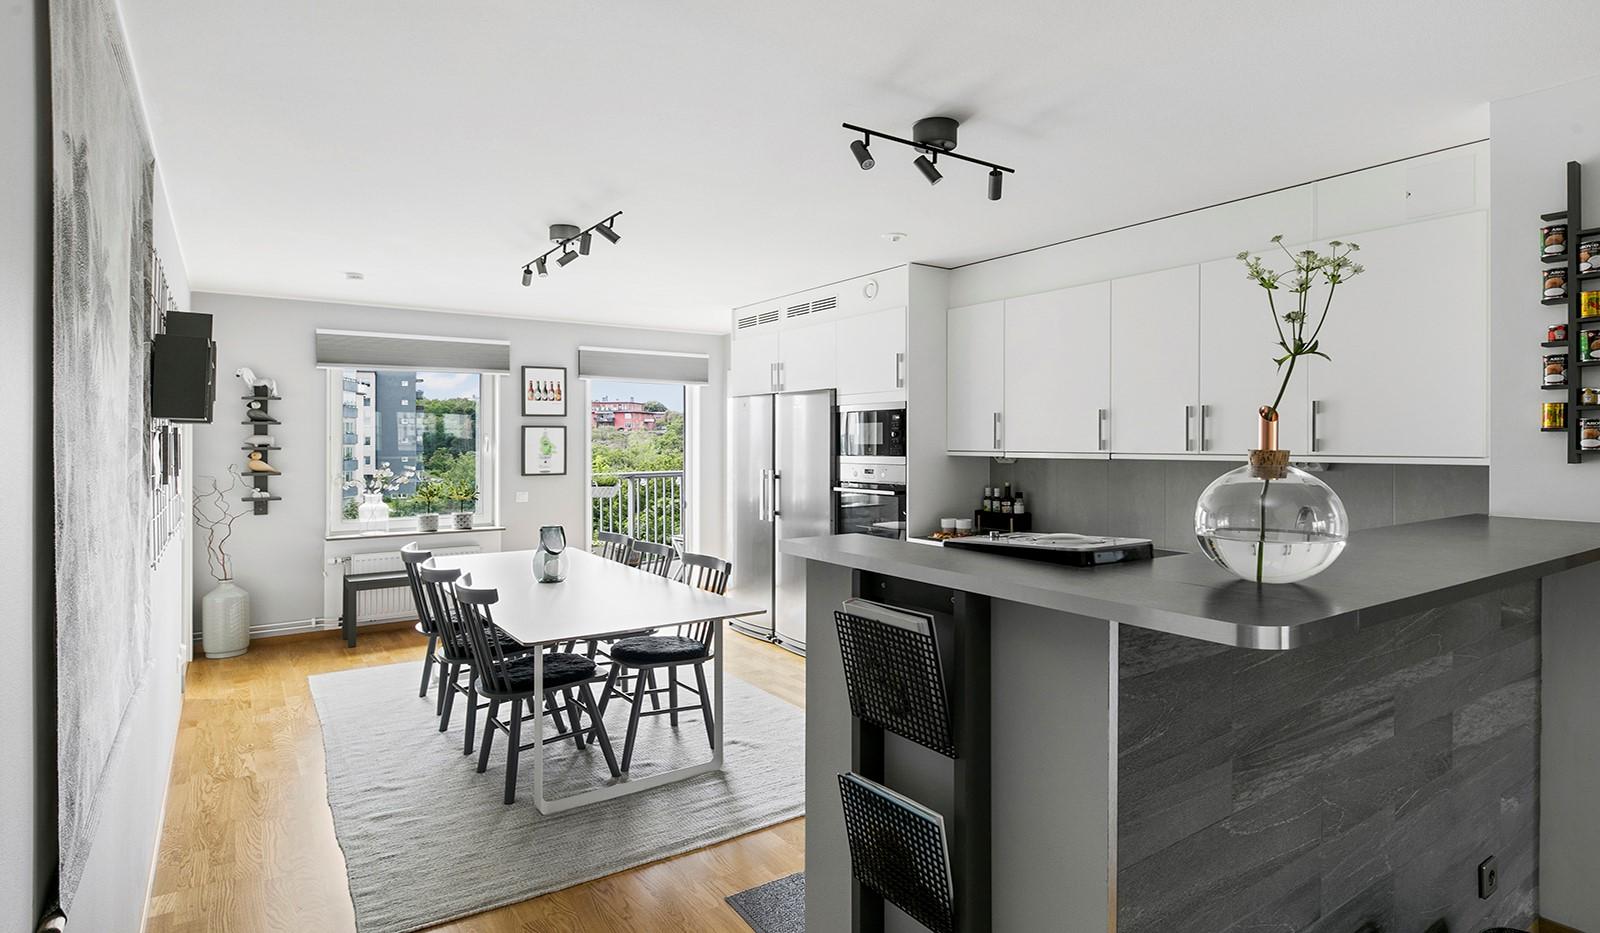 Sjöviksbacken 55, 4 tr - Kök och vardagsrum delas av med en social bardel